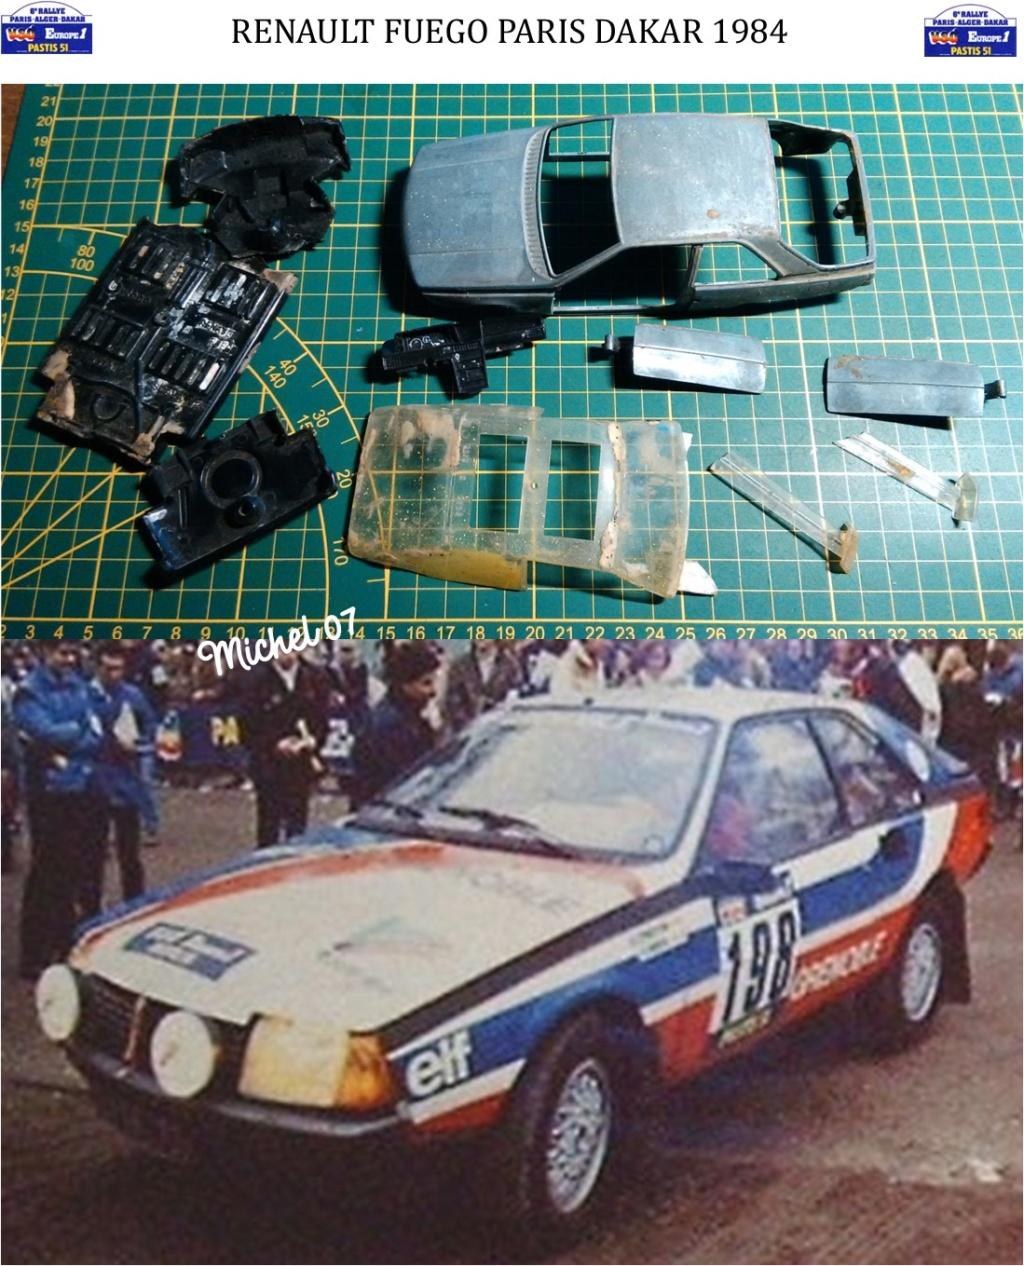 Défi 2020 - Renault Fuego 1/24 Paris Dakar 1984 Image153